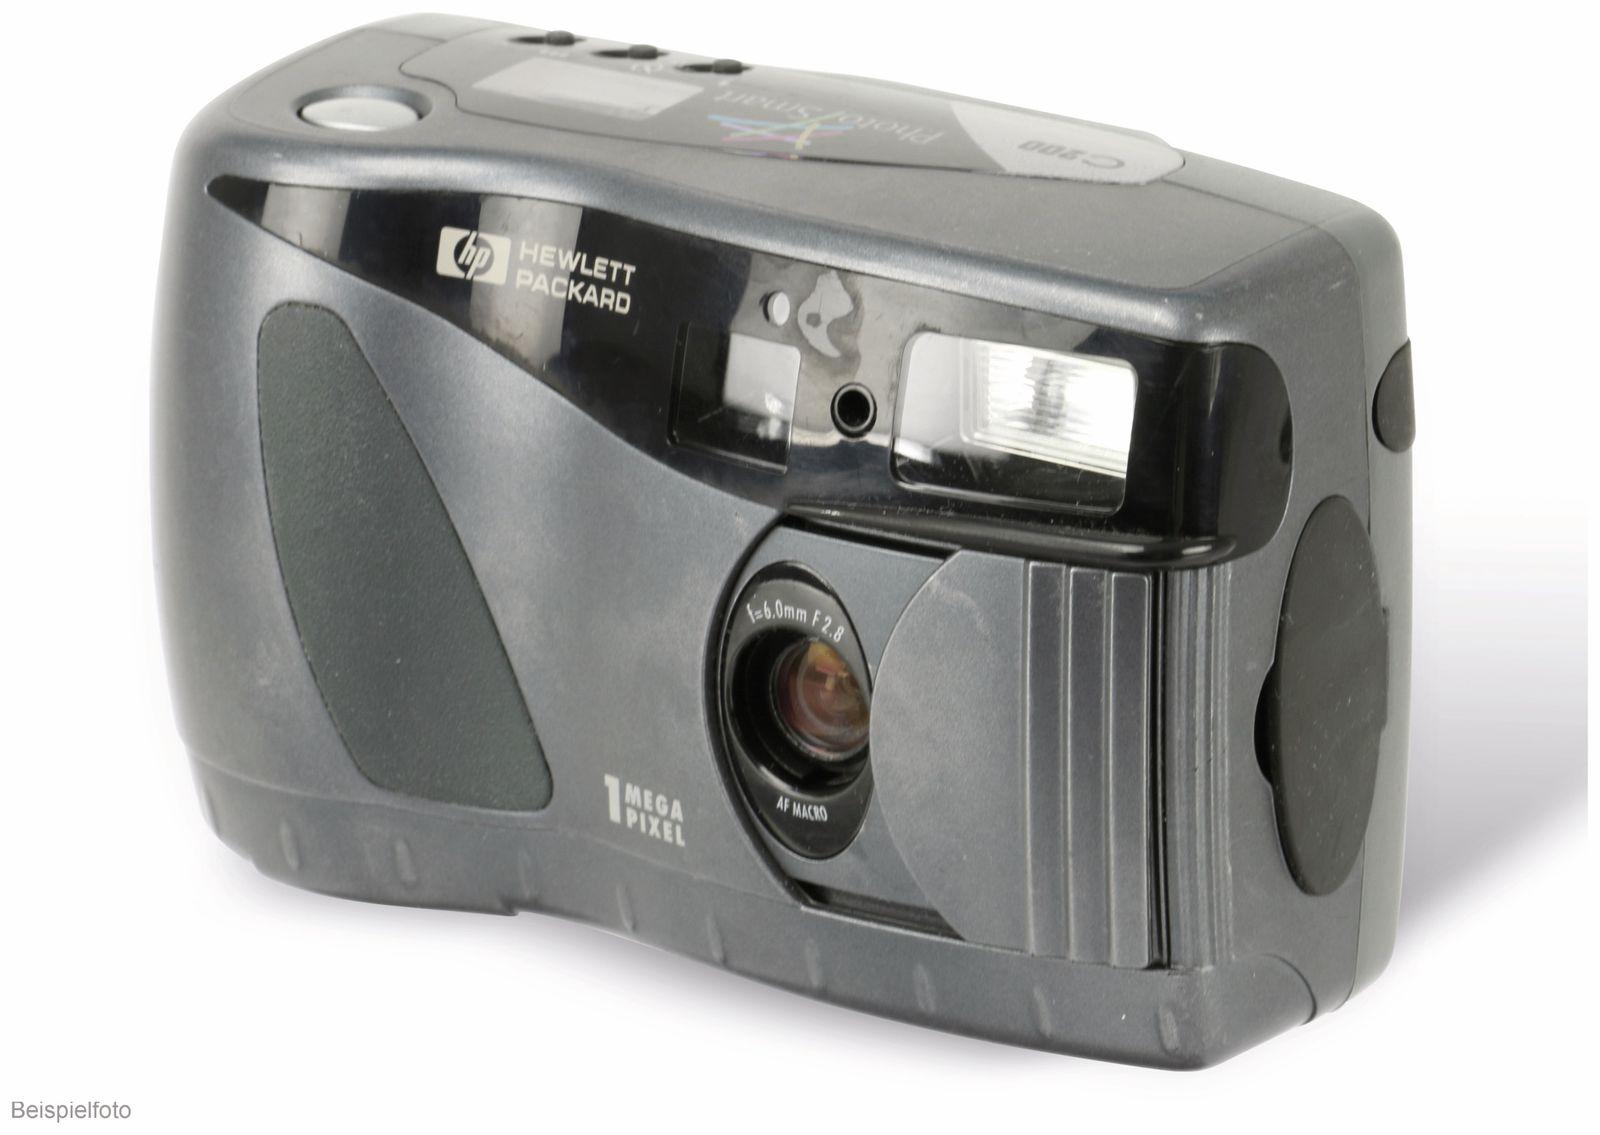 digital kamera ungepr fte retourenware online kaufen. Black Bedroom Furniture Sets. Home Design Ideas